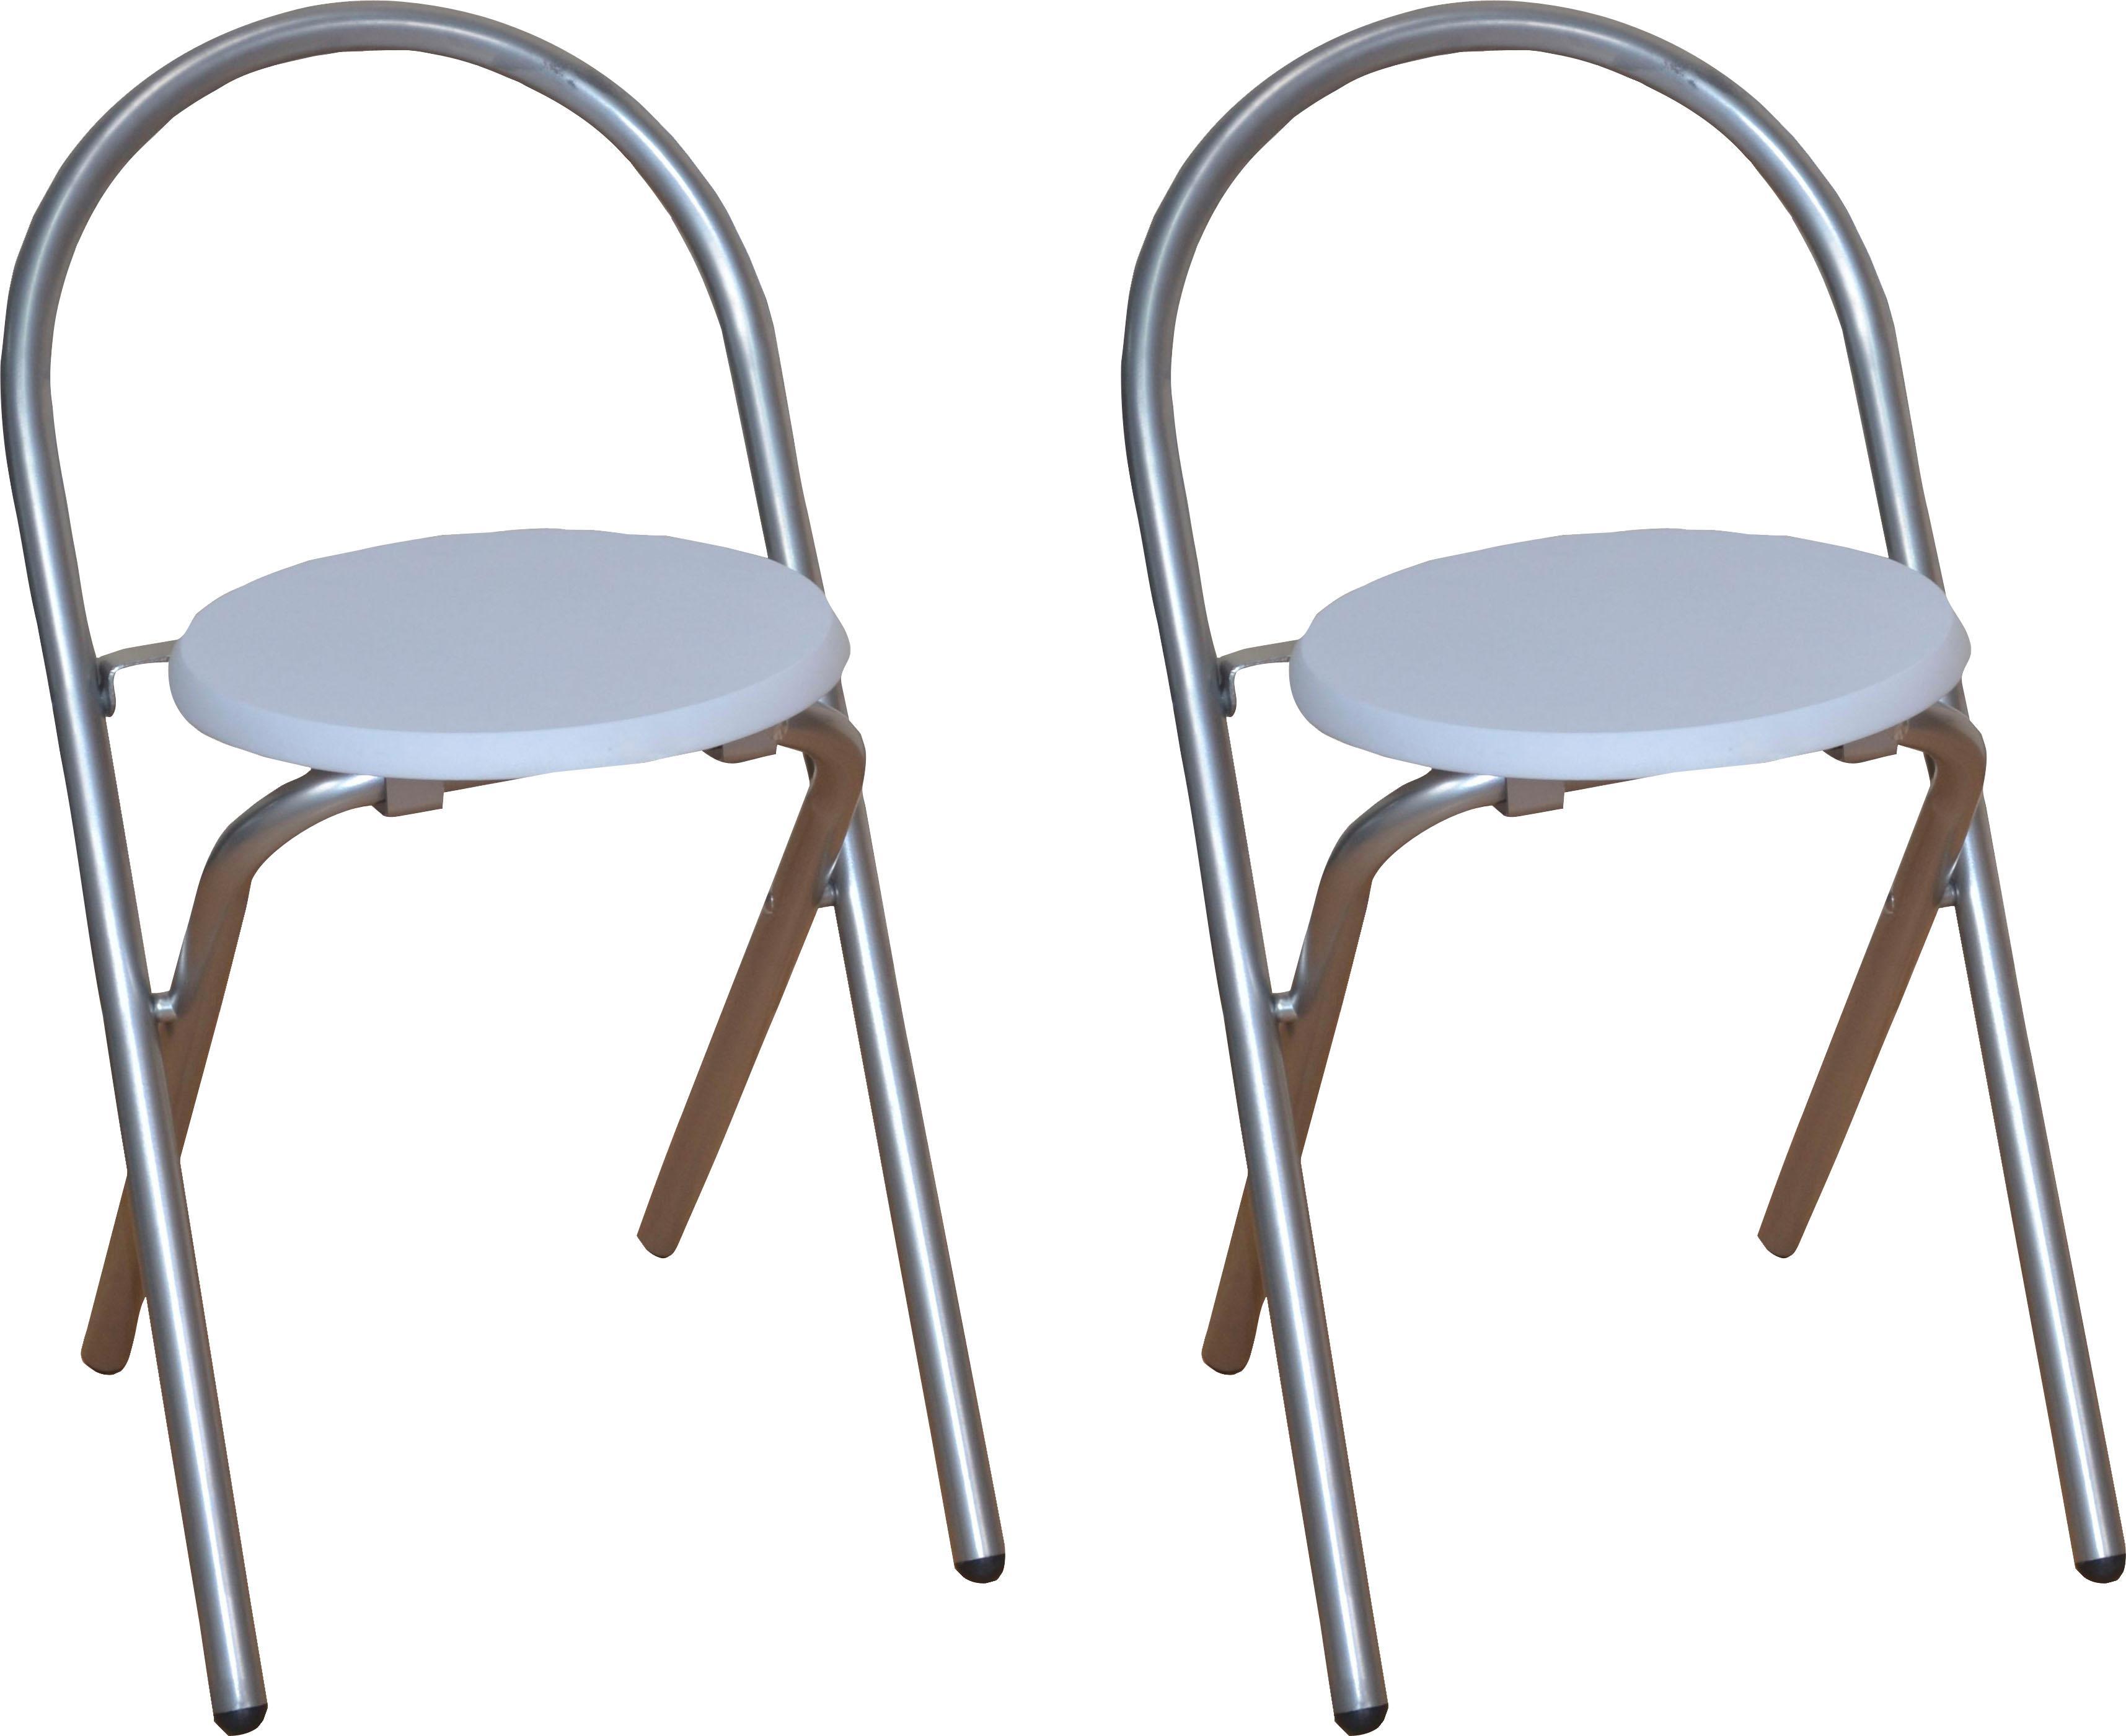 Home affaire Klappstuhl, aus MDF (2er-Set) weiß Klappstühle Weitere Stühle Sitzbänke Klappstuhl